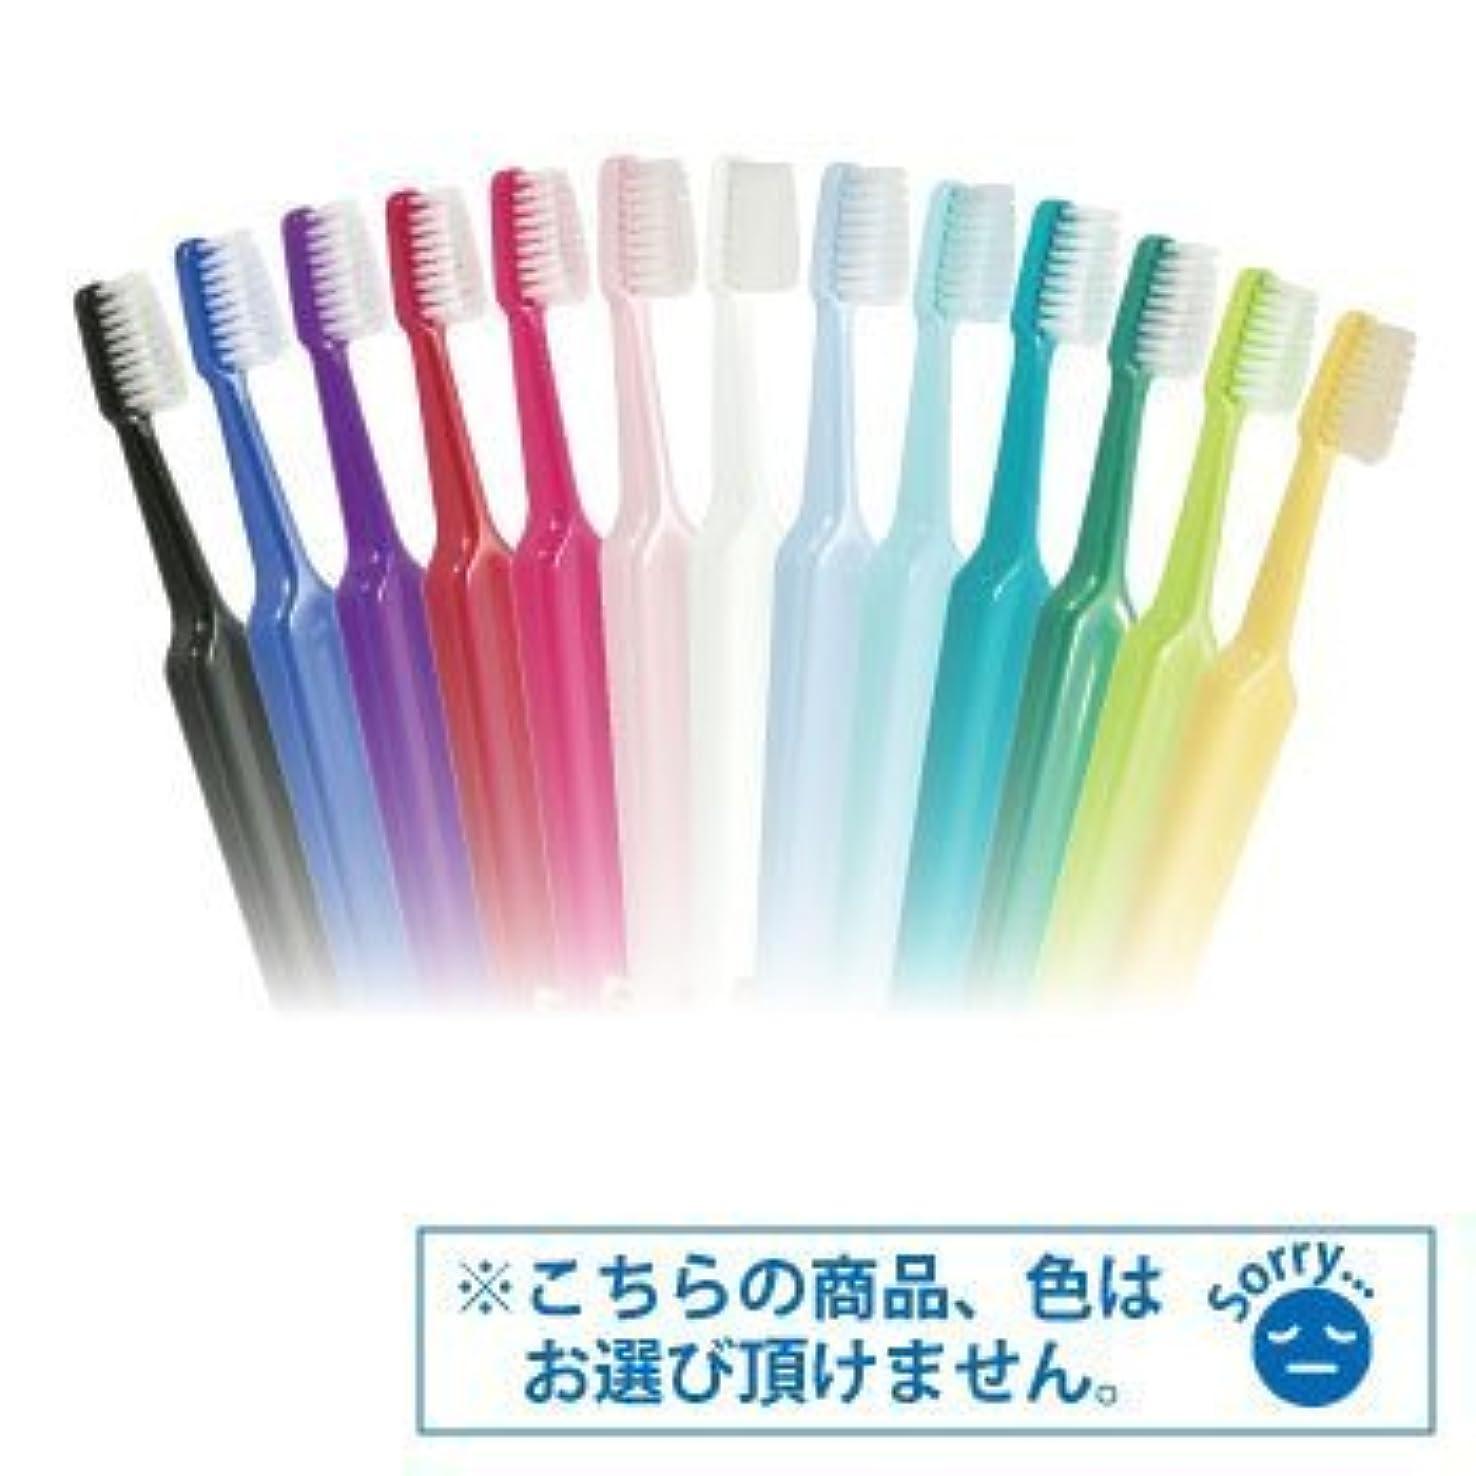 機関システム幼児Tepe歯ブラシ セレクトコンパクト /ソフト 20本入り